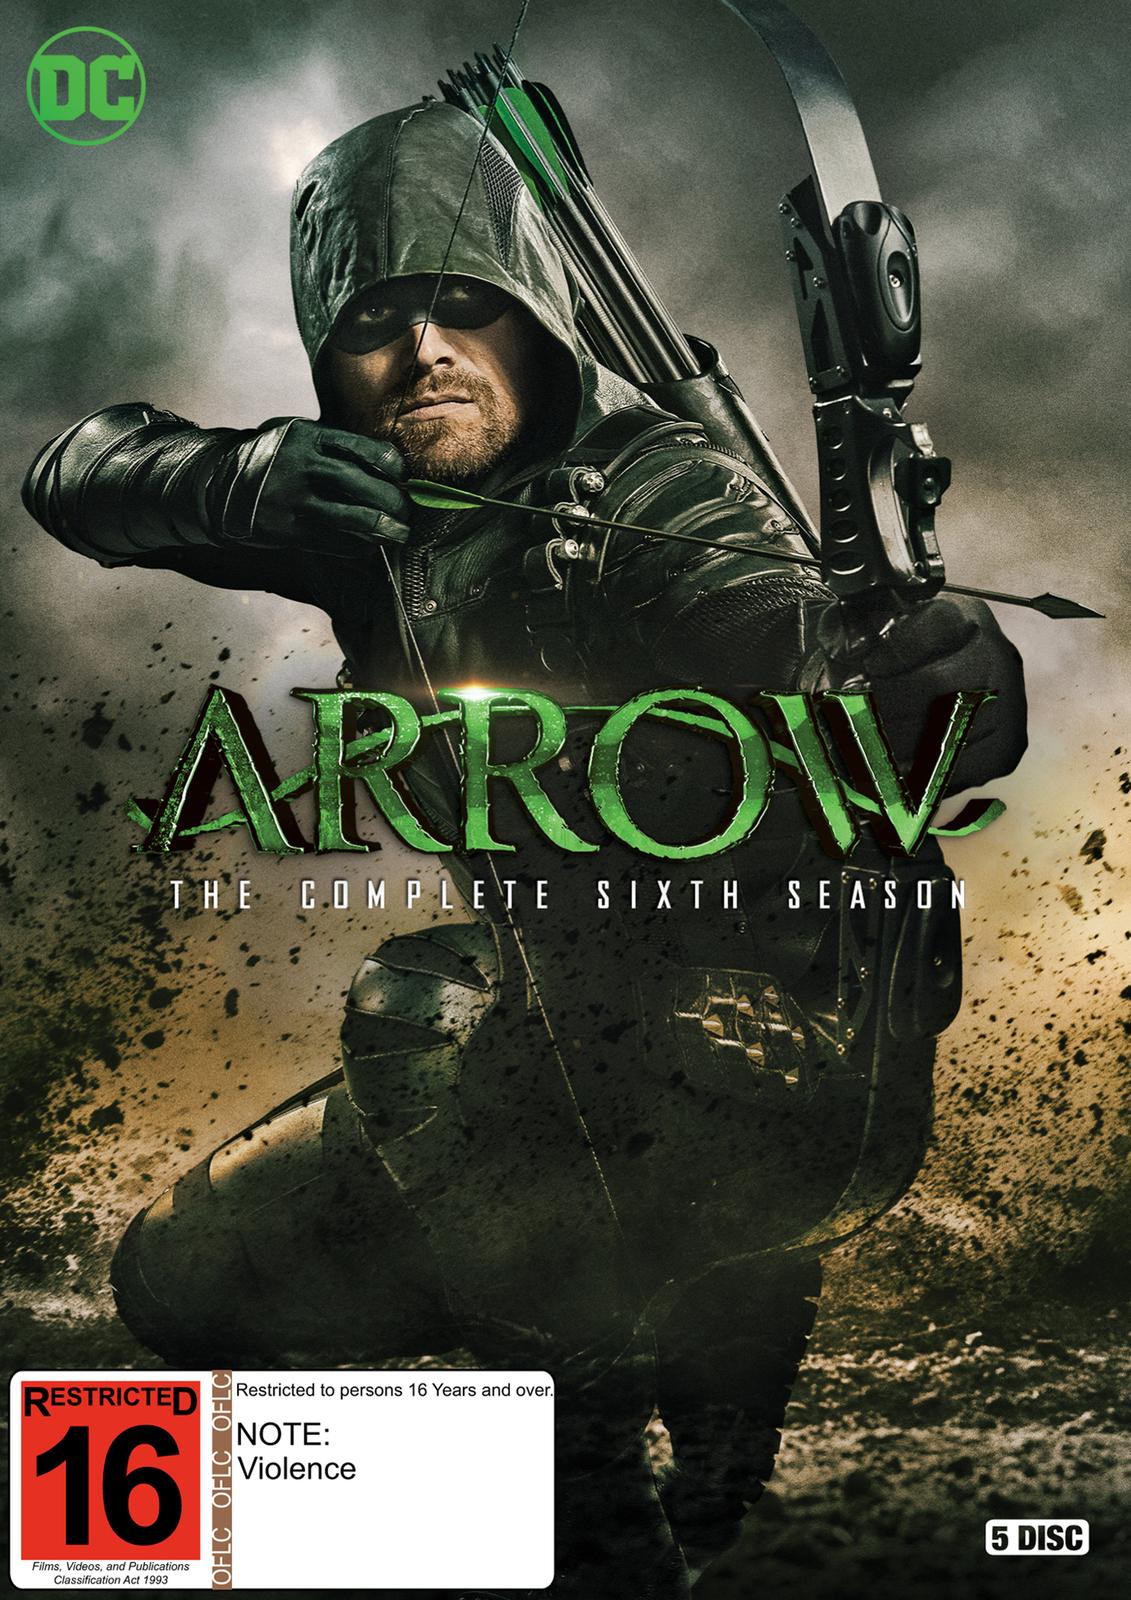 Arrow Season 6 image